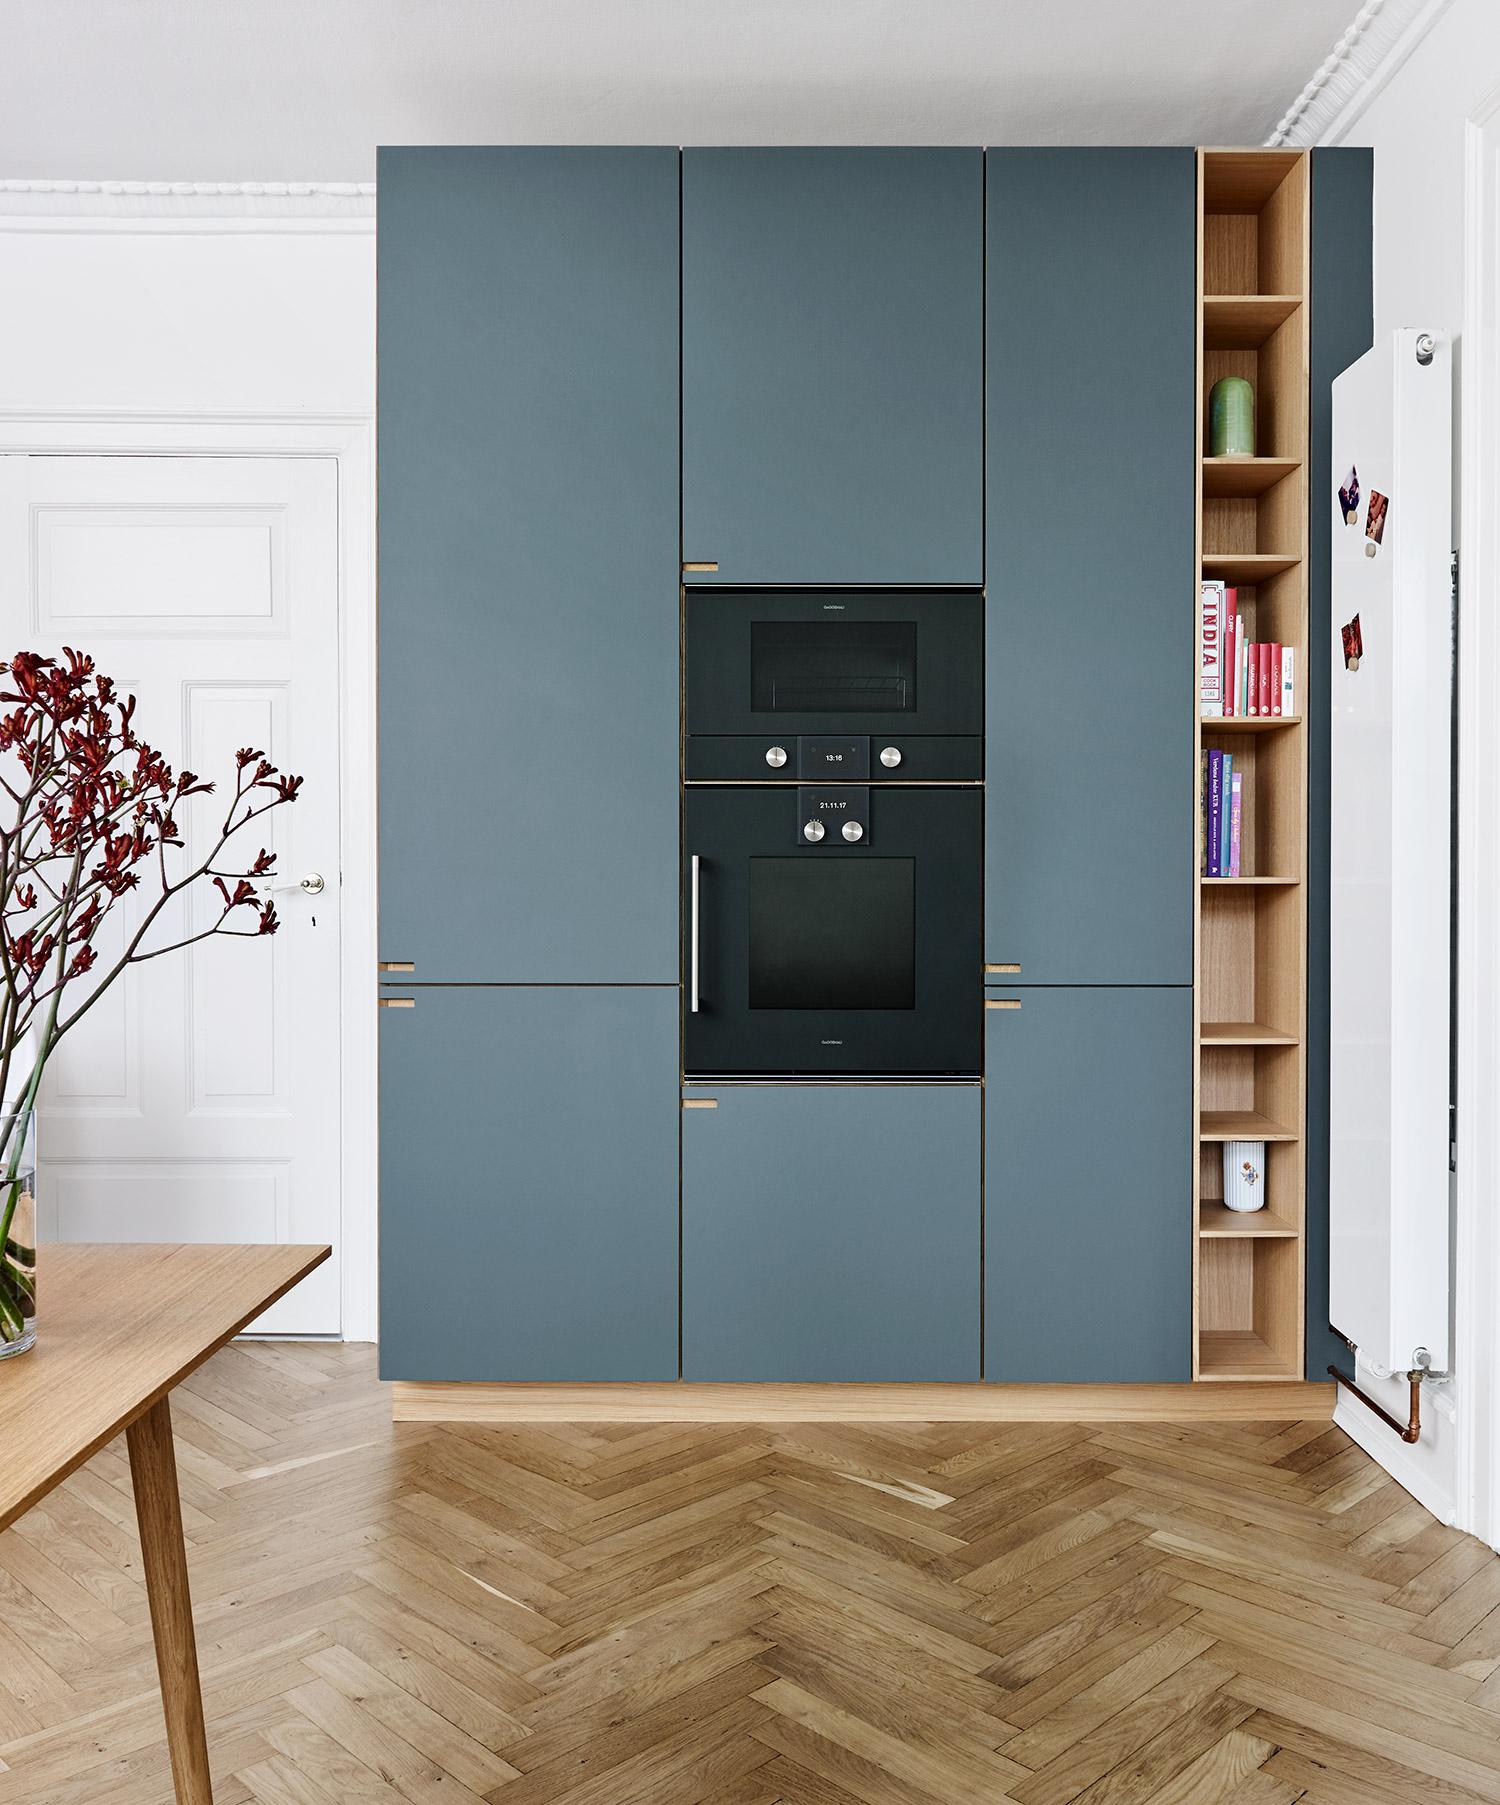 Snedkerkøkken, højskabsvæg, ovn og reol i egetræ og pewtergrå linoleum - designet og produceret af køkkensnedker Nicolaj Bo™